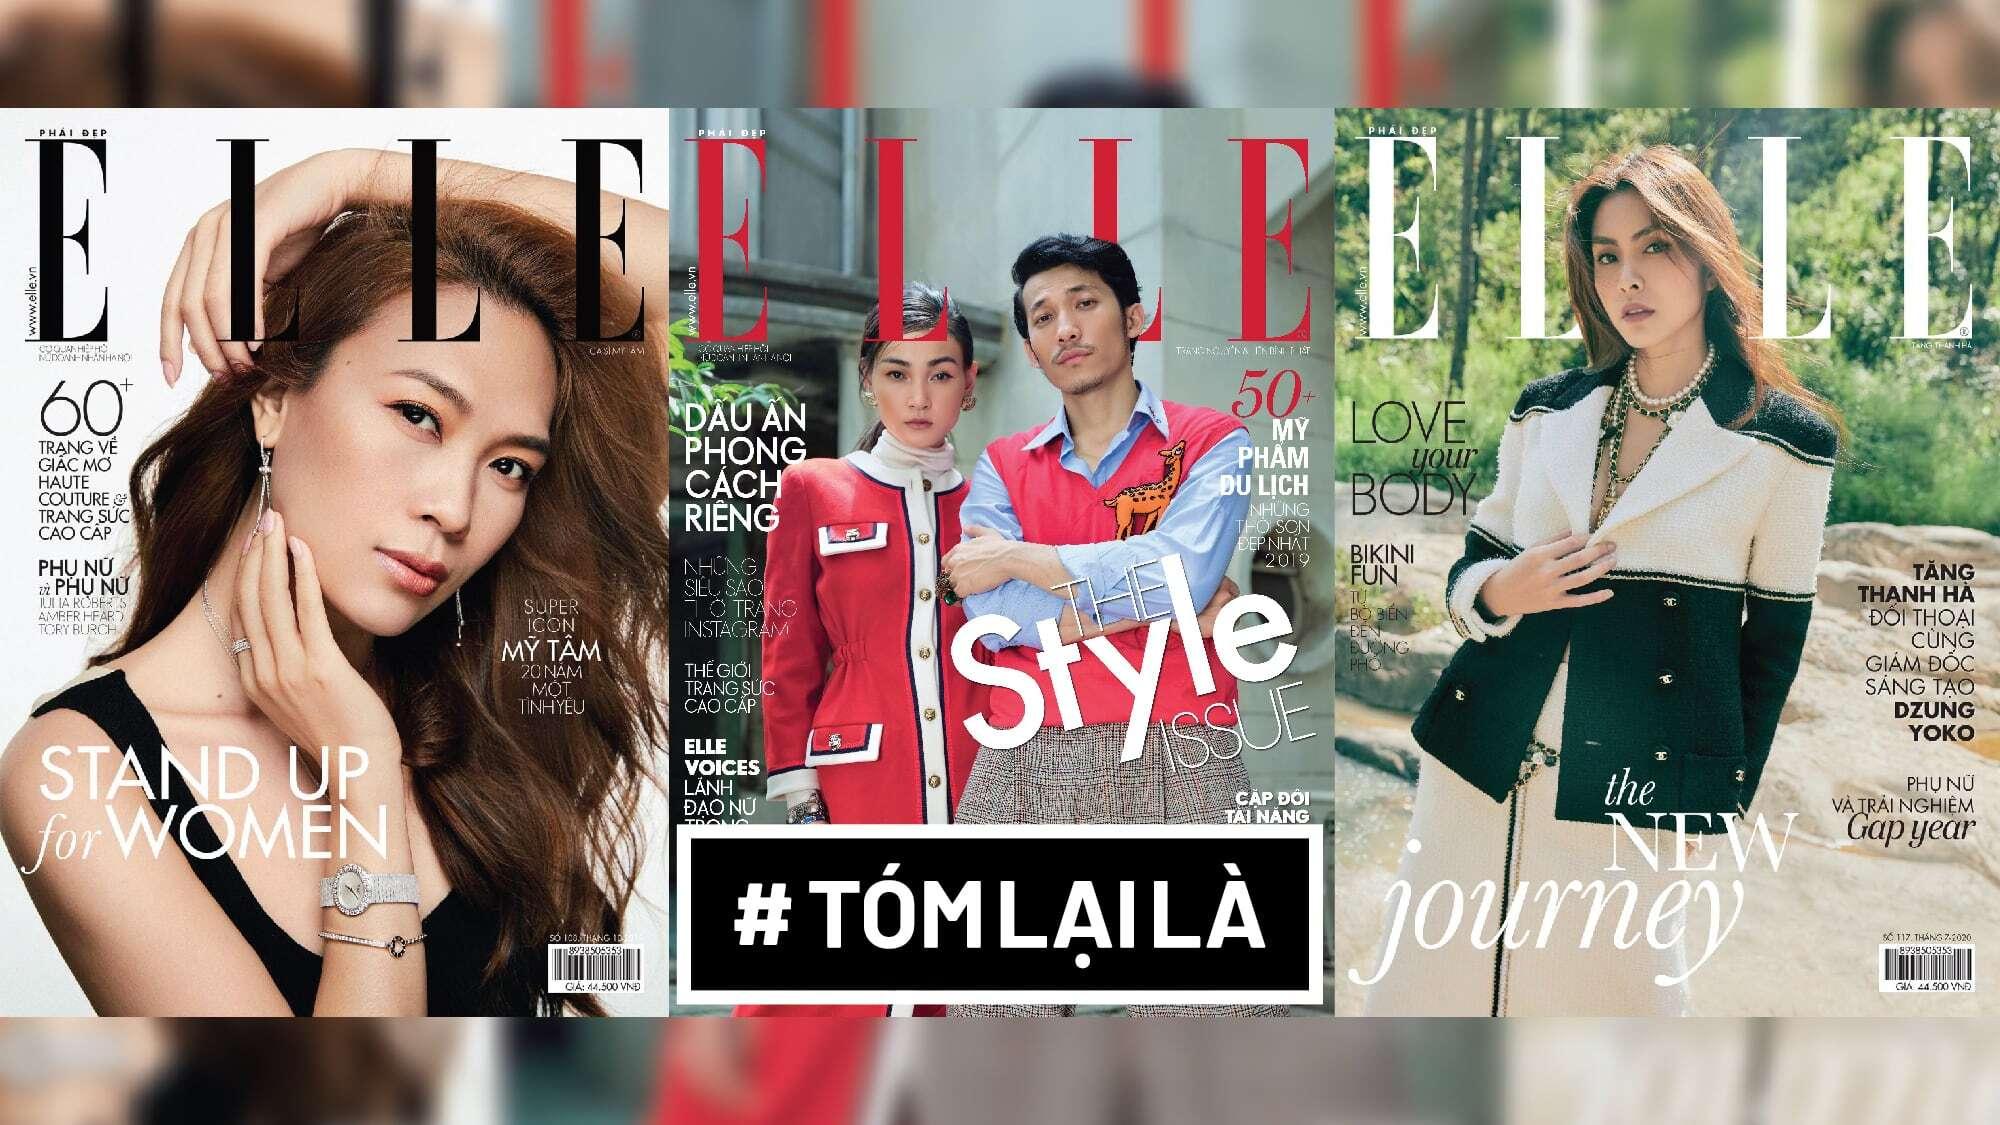 Tóm Lại Là: ELLE Vietnam dừng xuất bản, kỉ nguyên tạp chí thời trang sắp hết?